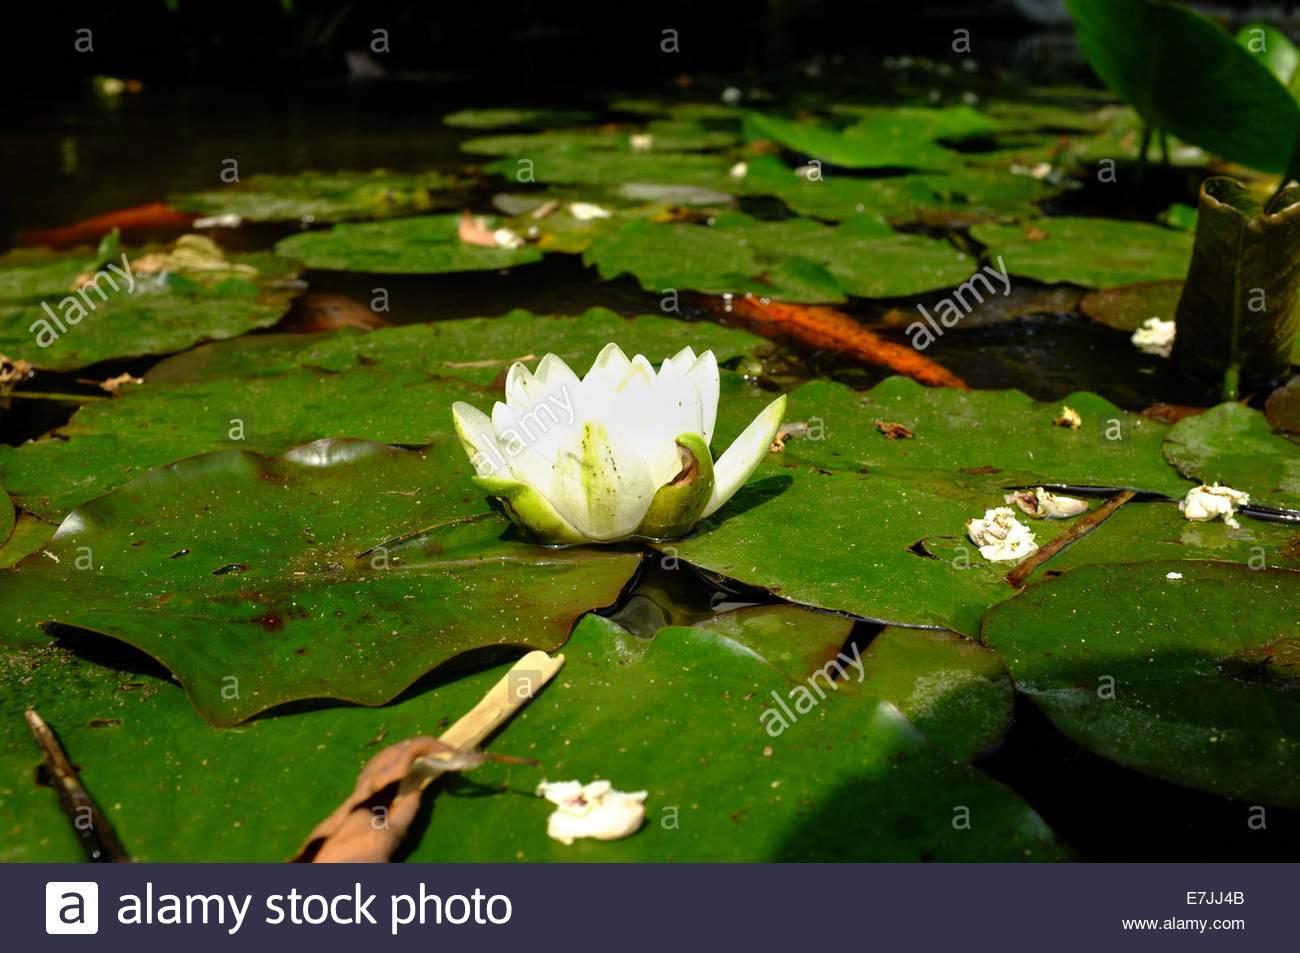 andr hellers botanischen garten von gardone rivera am gardasee italien wasser lillys e7jj4b